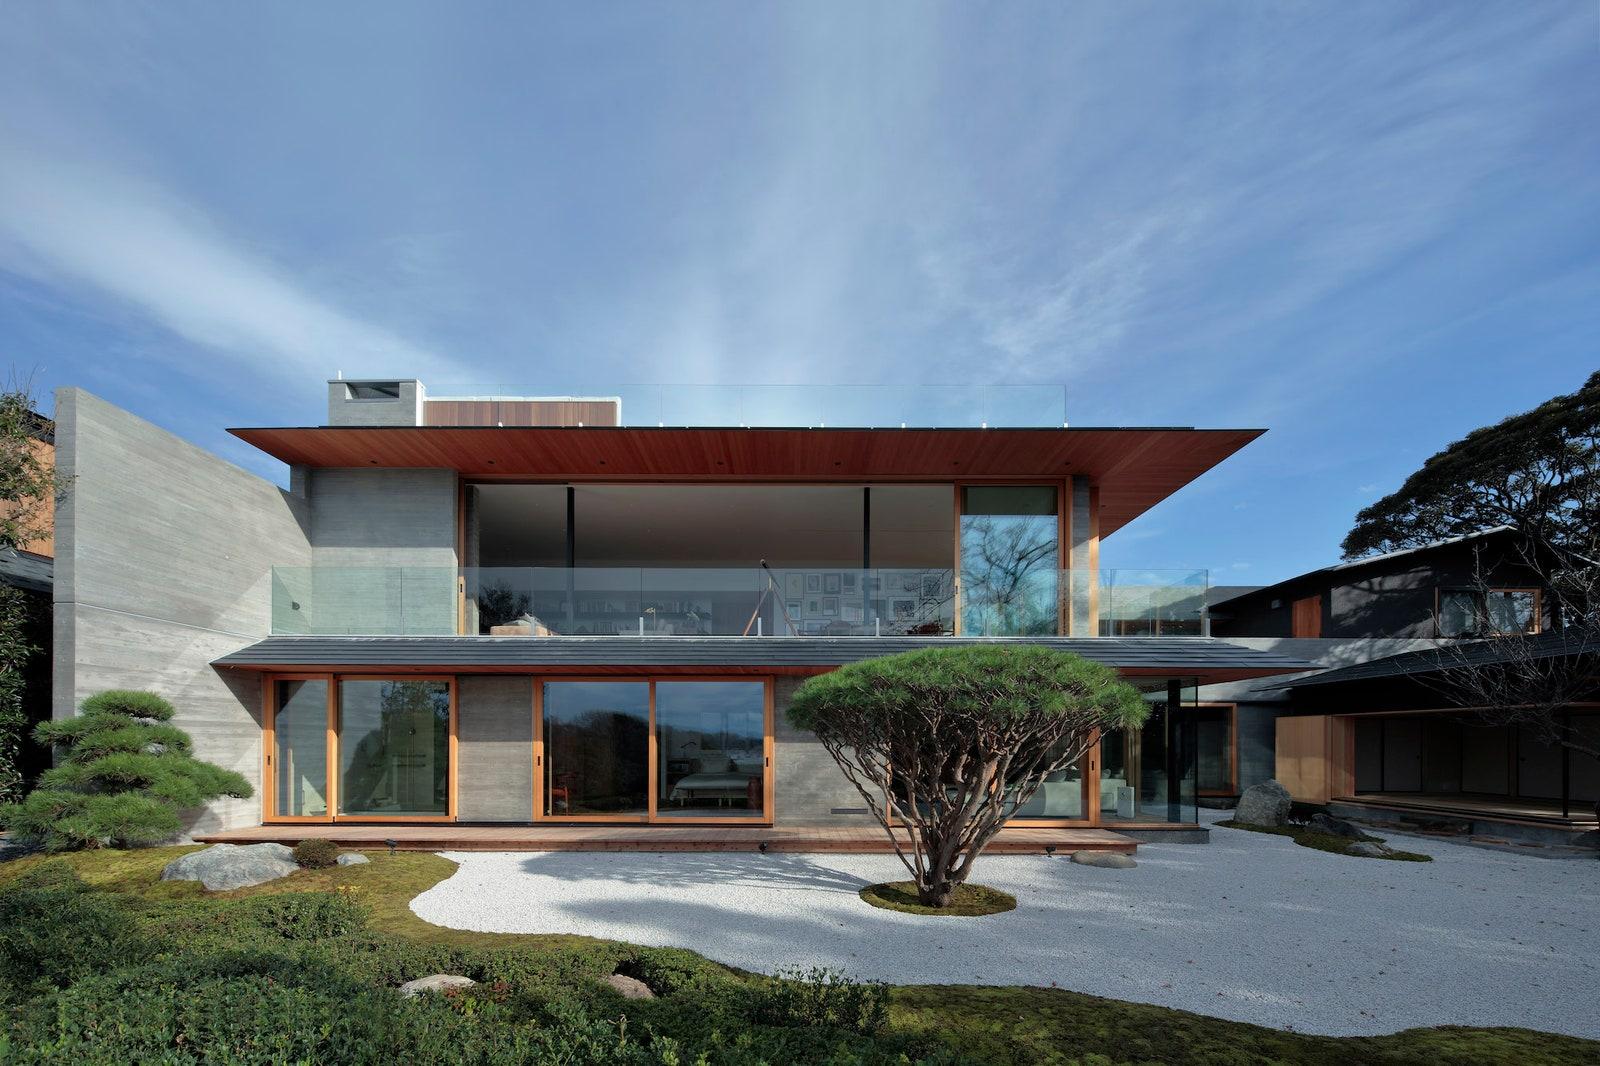 Hình dáng bên ngoài của ngôi nhà hiện đại và truyền thống Nhật Bản